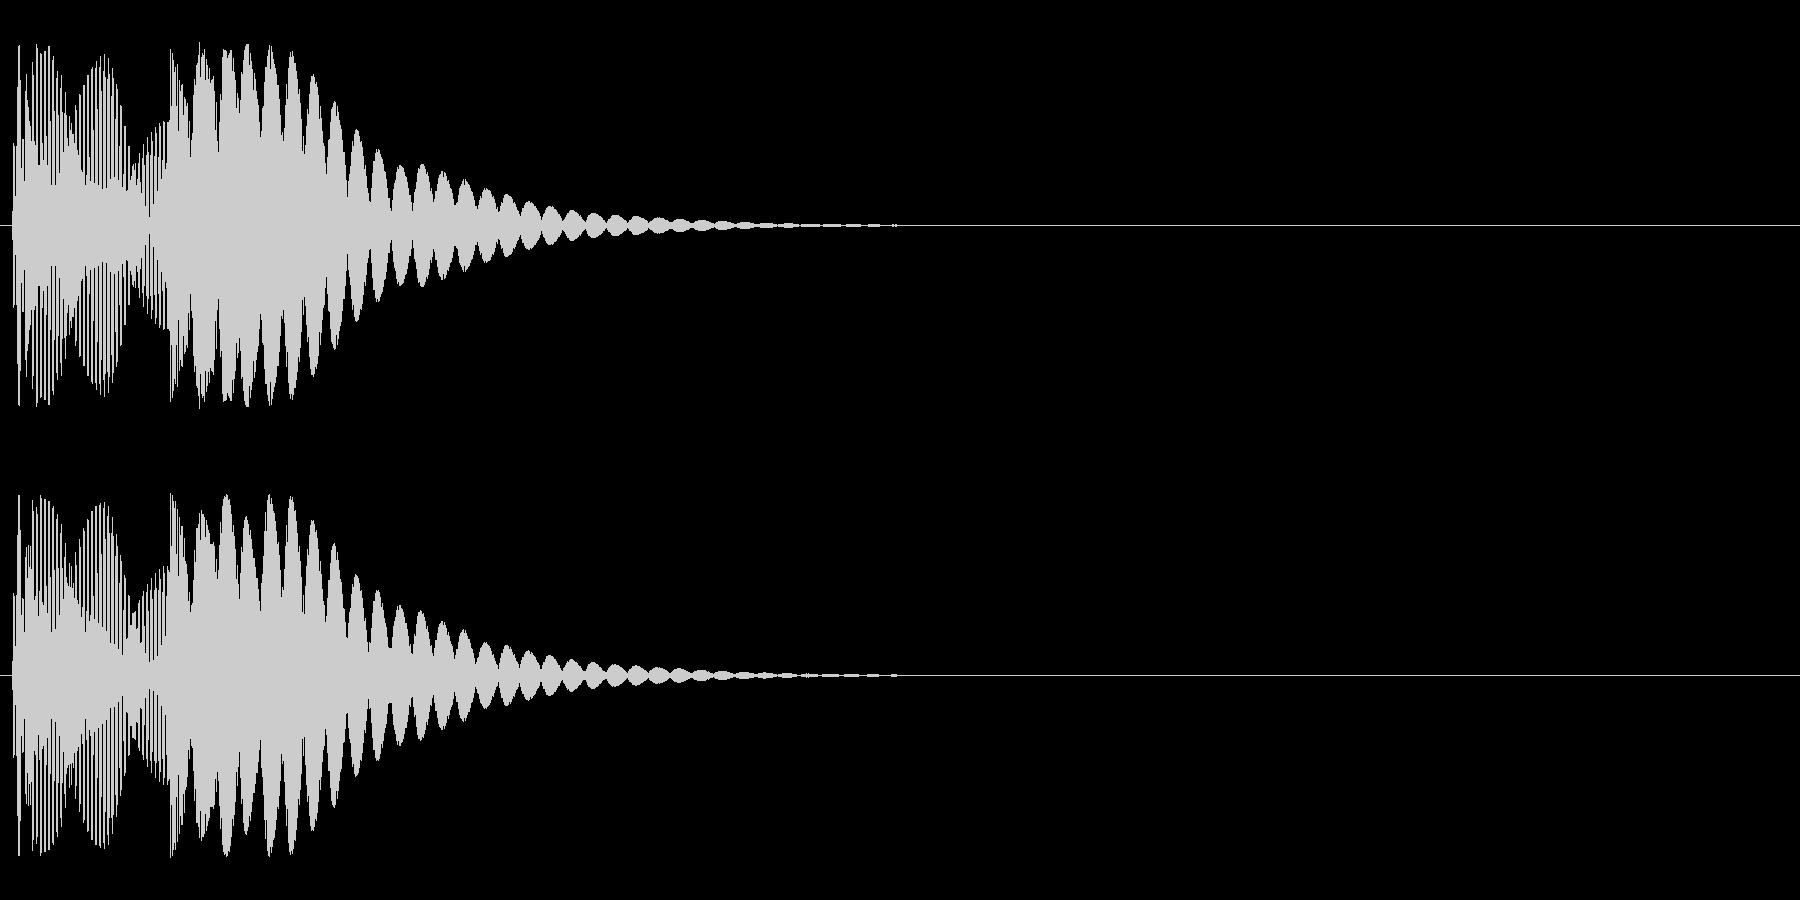 システム系スタート音の未再生の波形